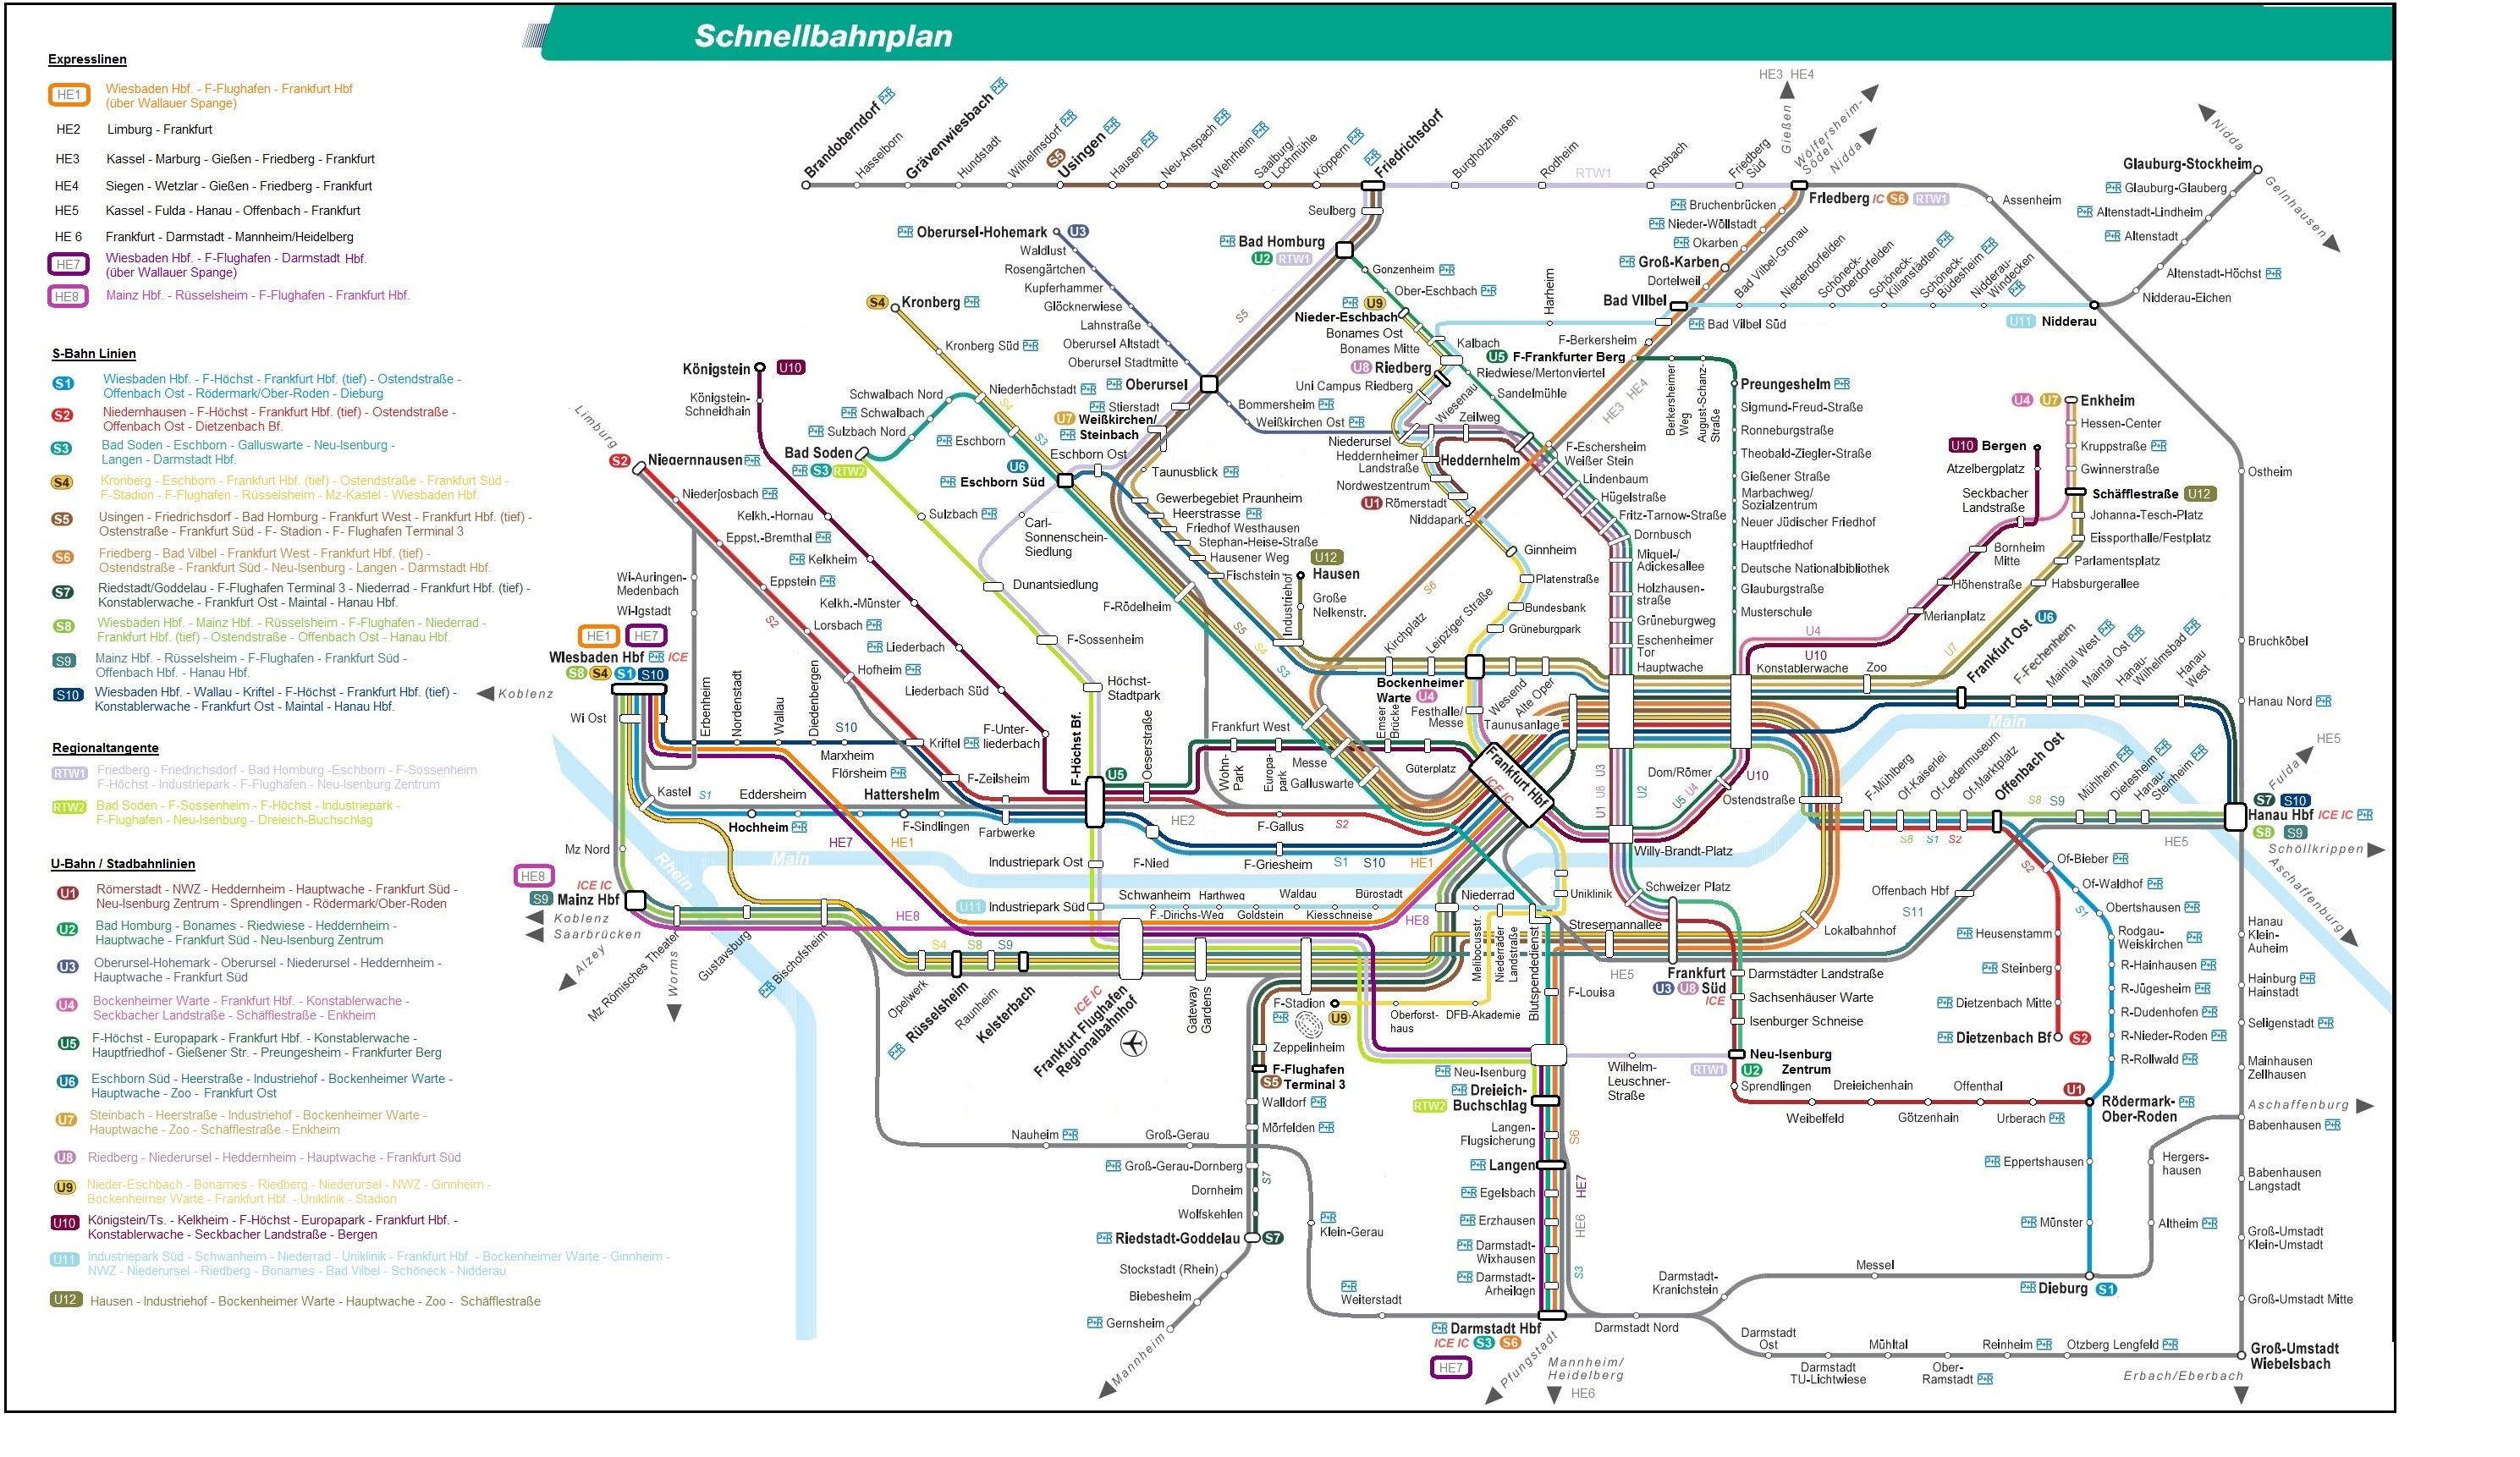 RMV Schnellbahnplan meine Vision Verkehrspolitikplanung